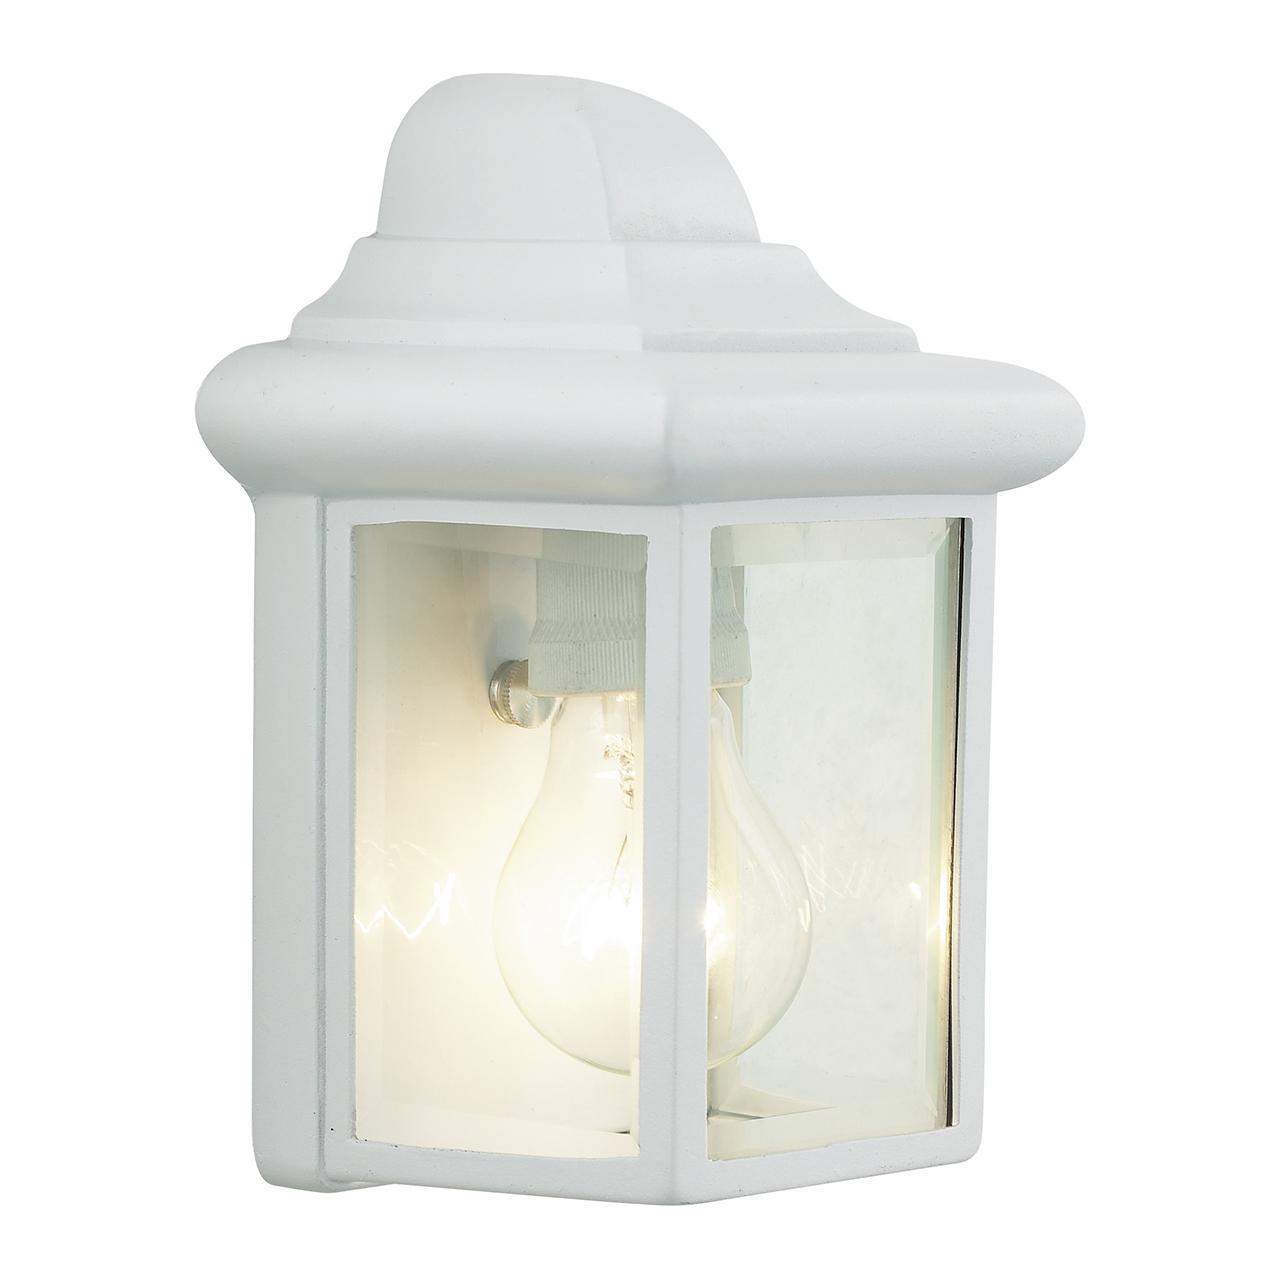 Уличный настенный светильник Brilliant Newport 44280/05 brilliant подвес brilliant osaka 93379 05